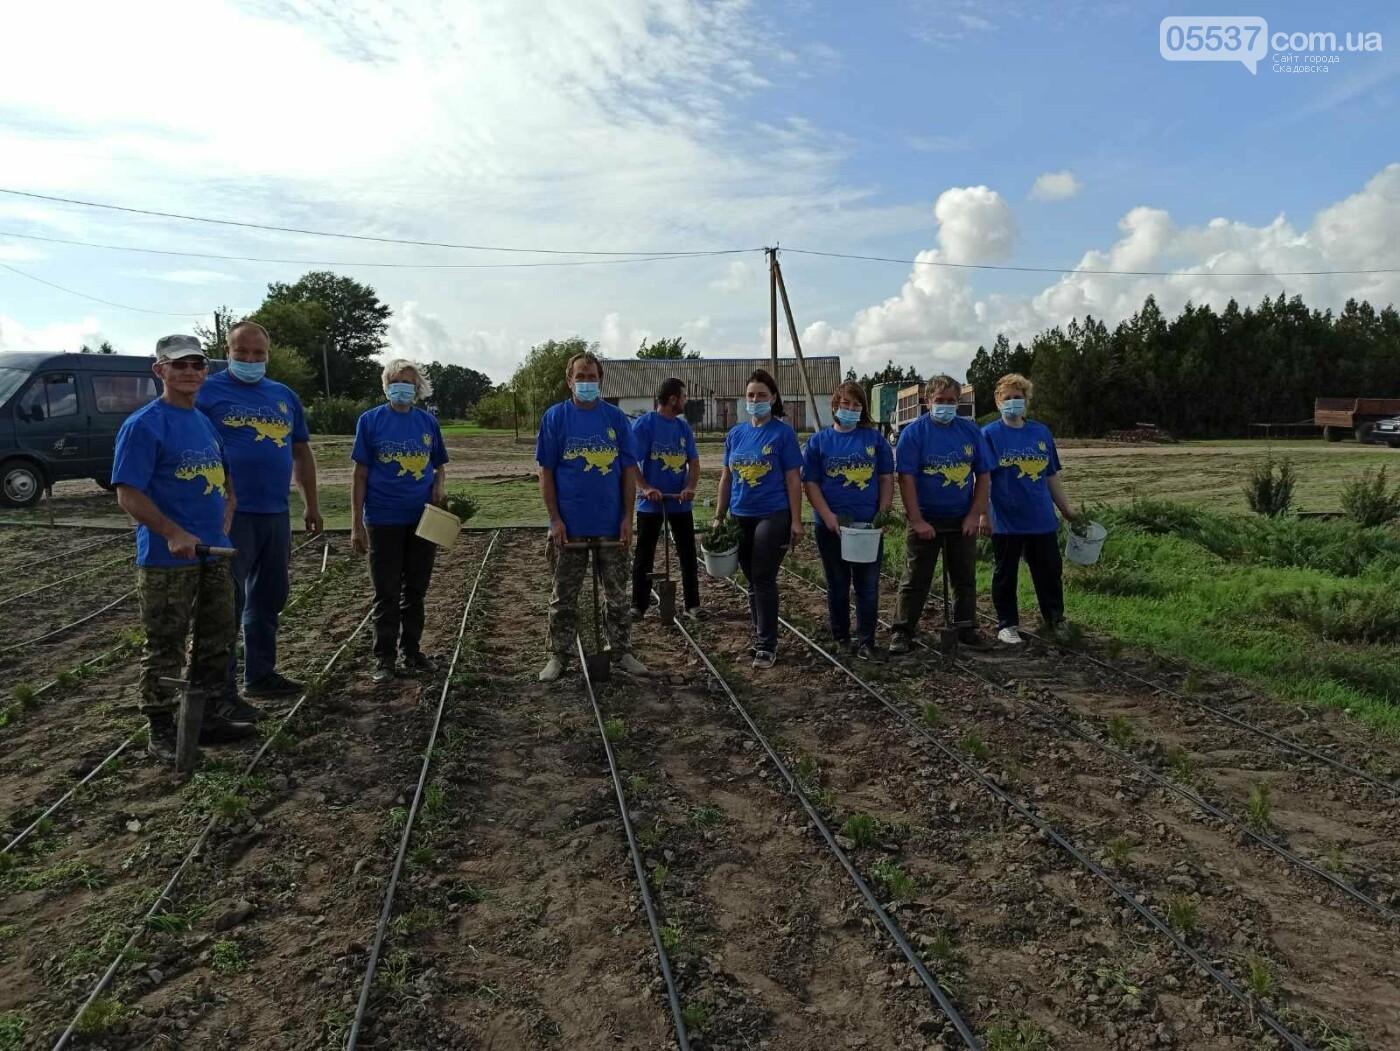 В Скадовске также присоединились к масштабной акции по озеленению, фото-4